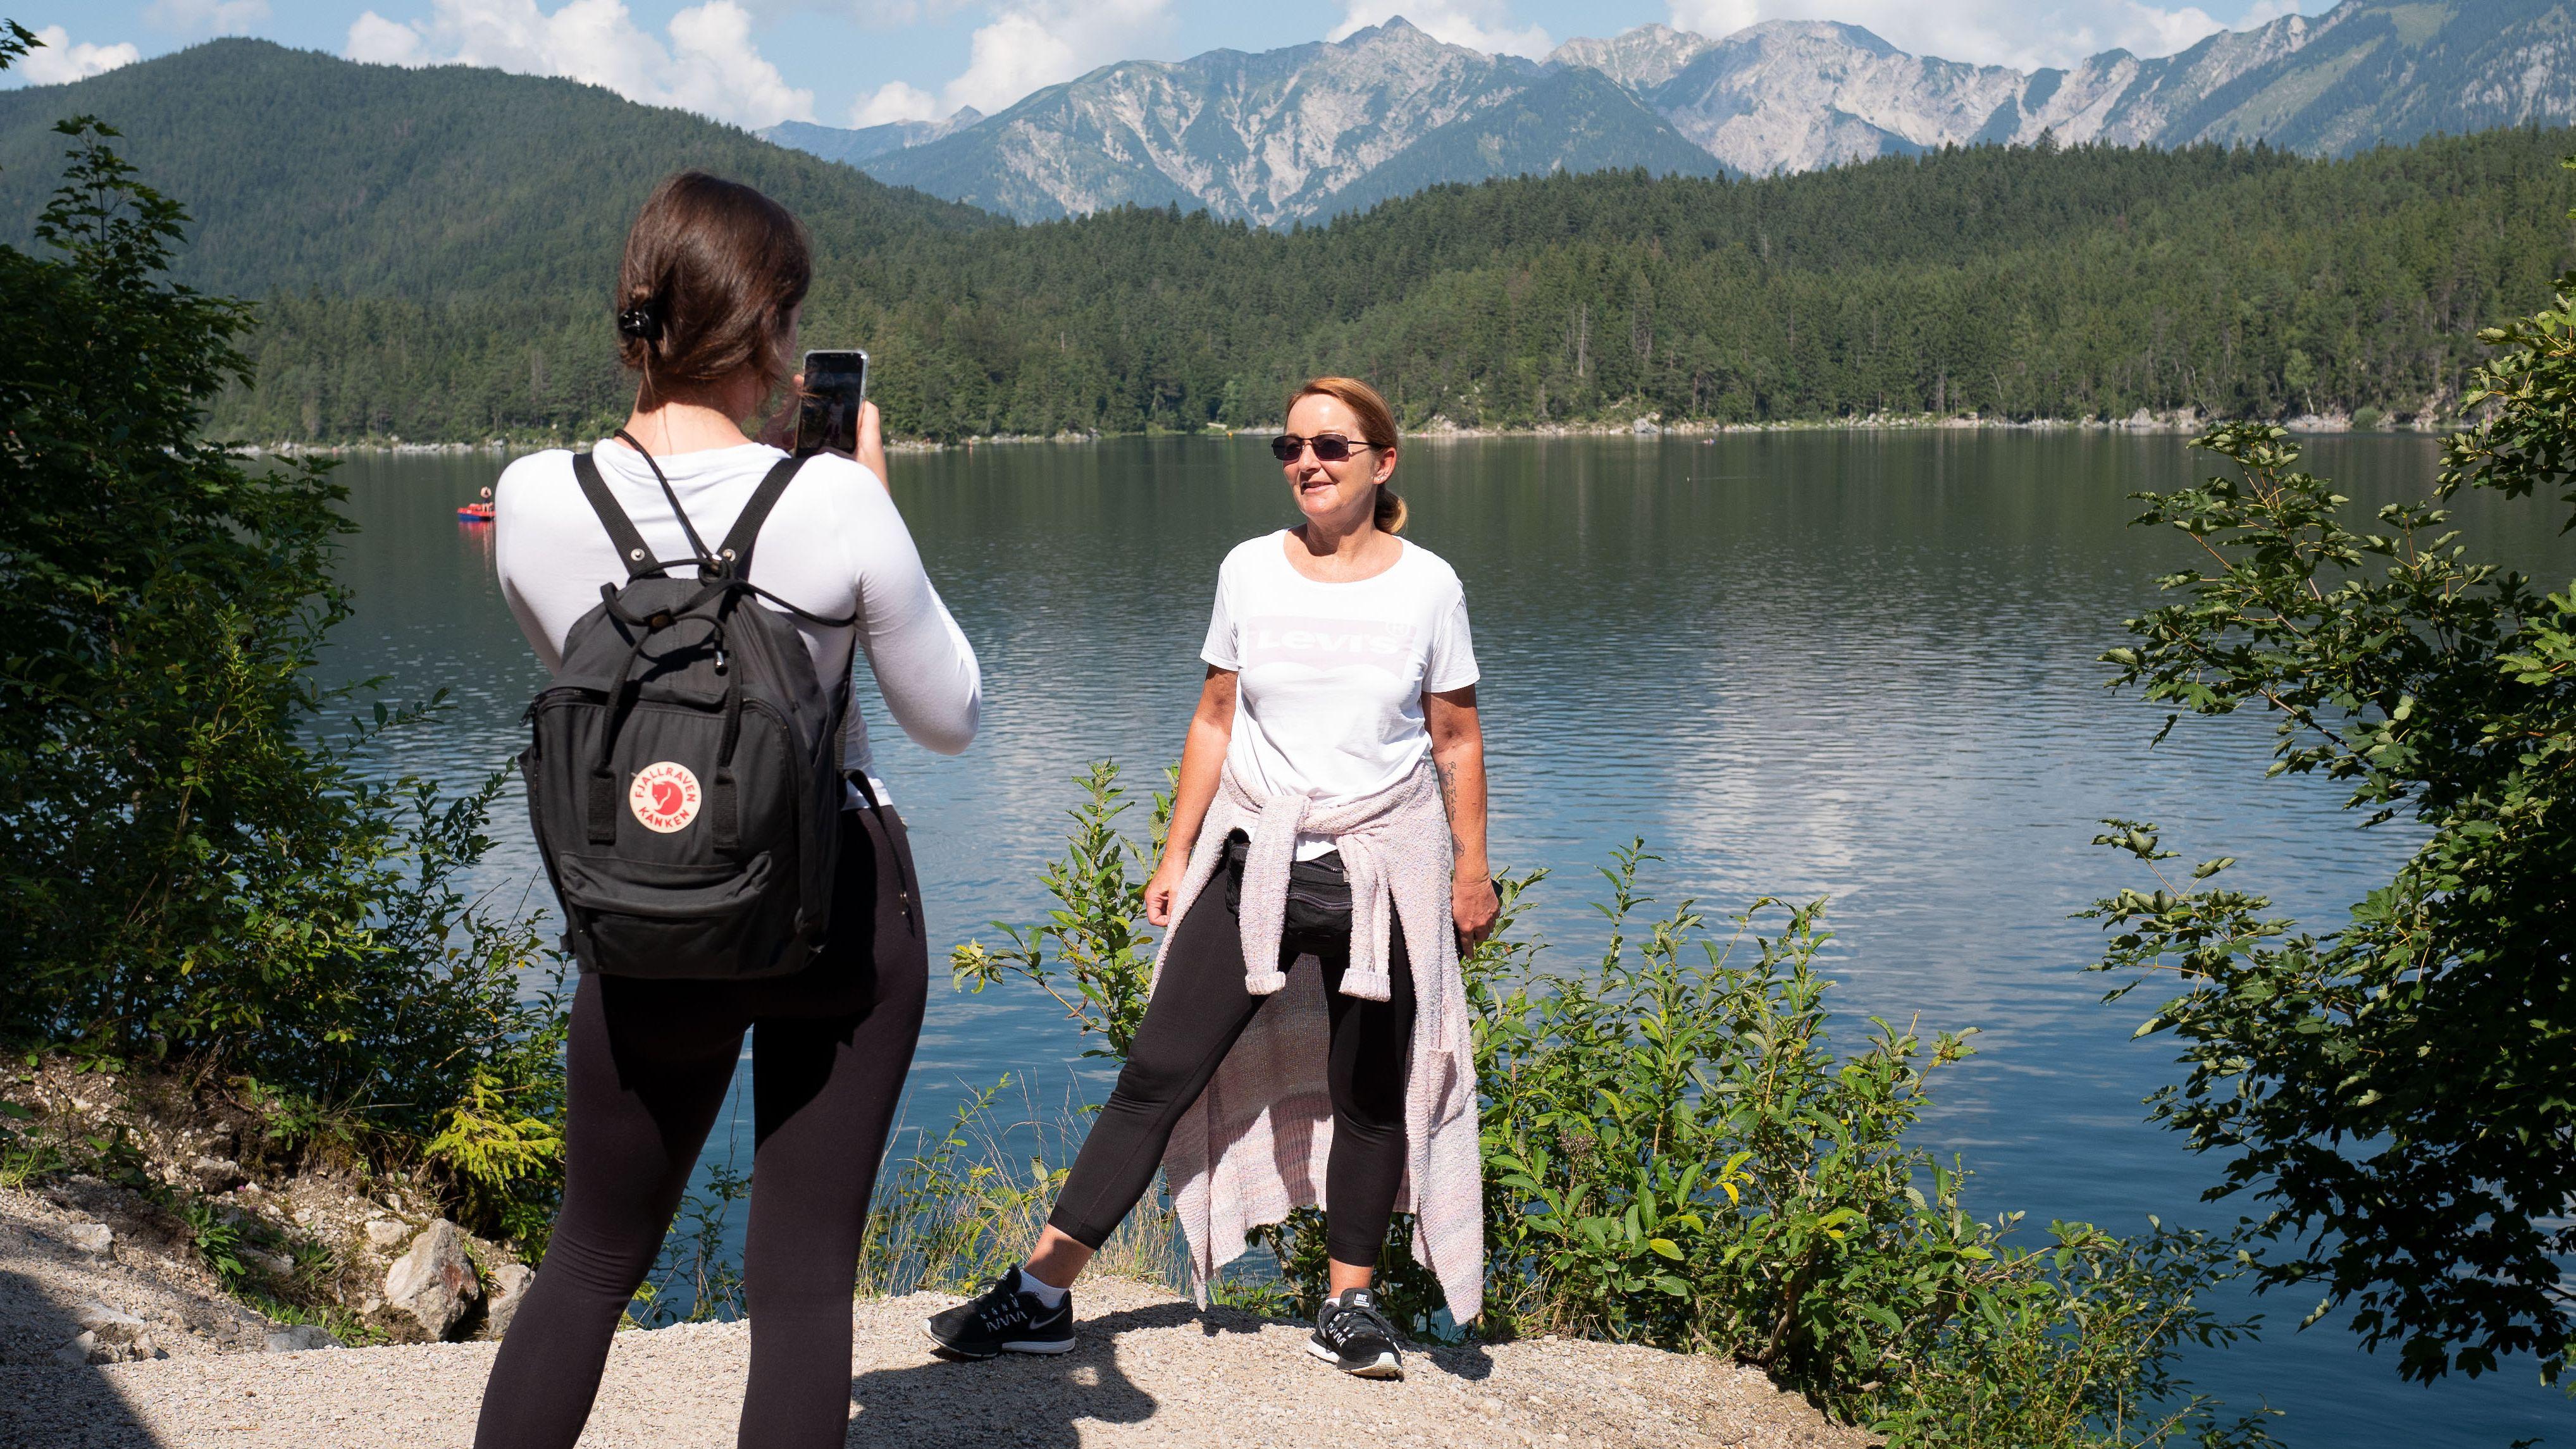 Eine junge Frau fotografiert ihre Mutter am Ufer des Eibsees, im Hintergrund das Wettersteingebirge.